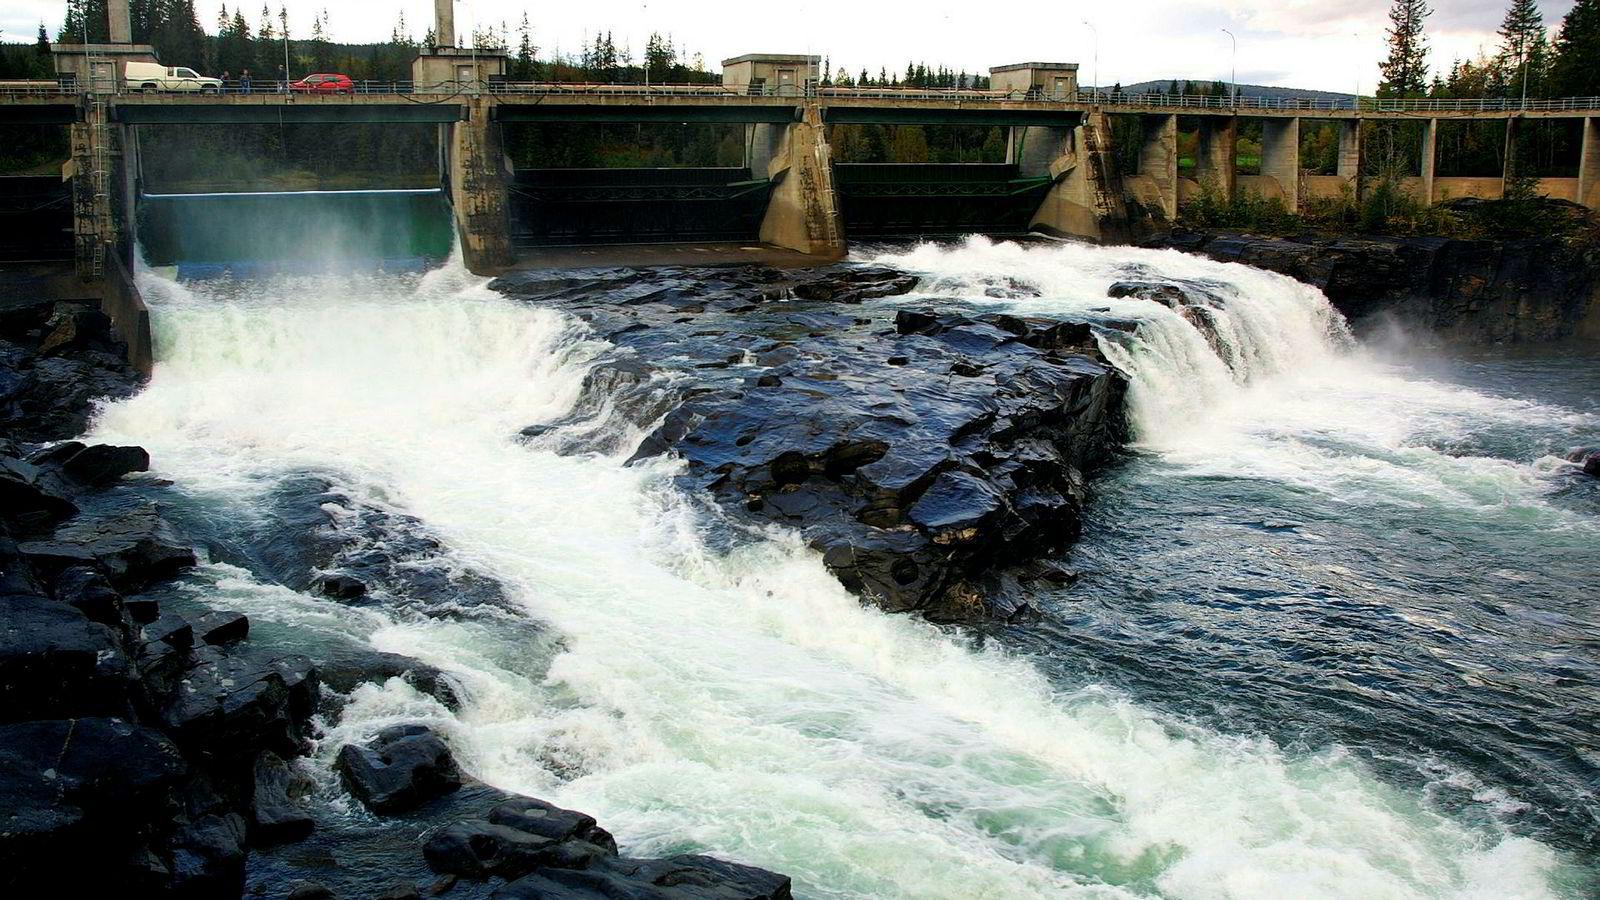 Norge og norsk fornybarnæring med sin unike vannkraft og gode vindressurser er – sammen med sterke kompetansemiljøer og en moderne industri – godt rustet for å bli en vinner i det grønne kappløpet.